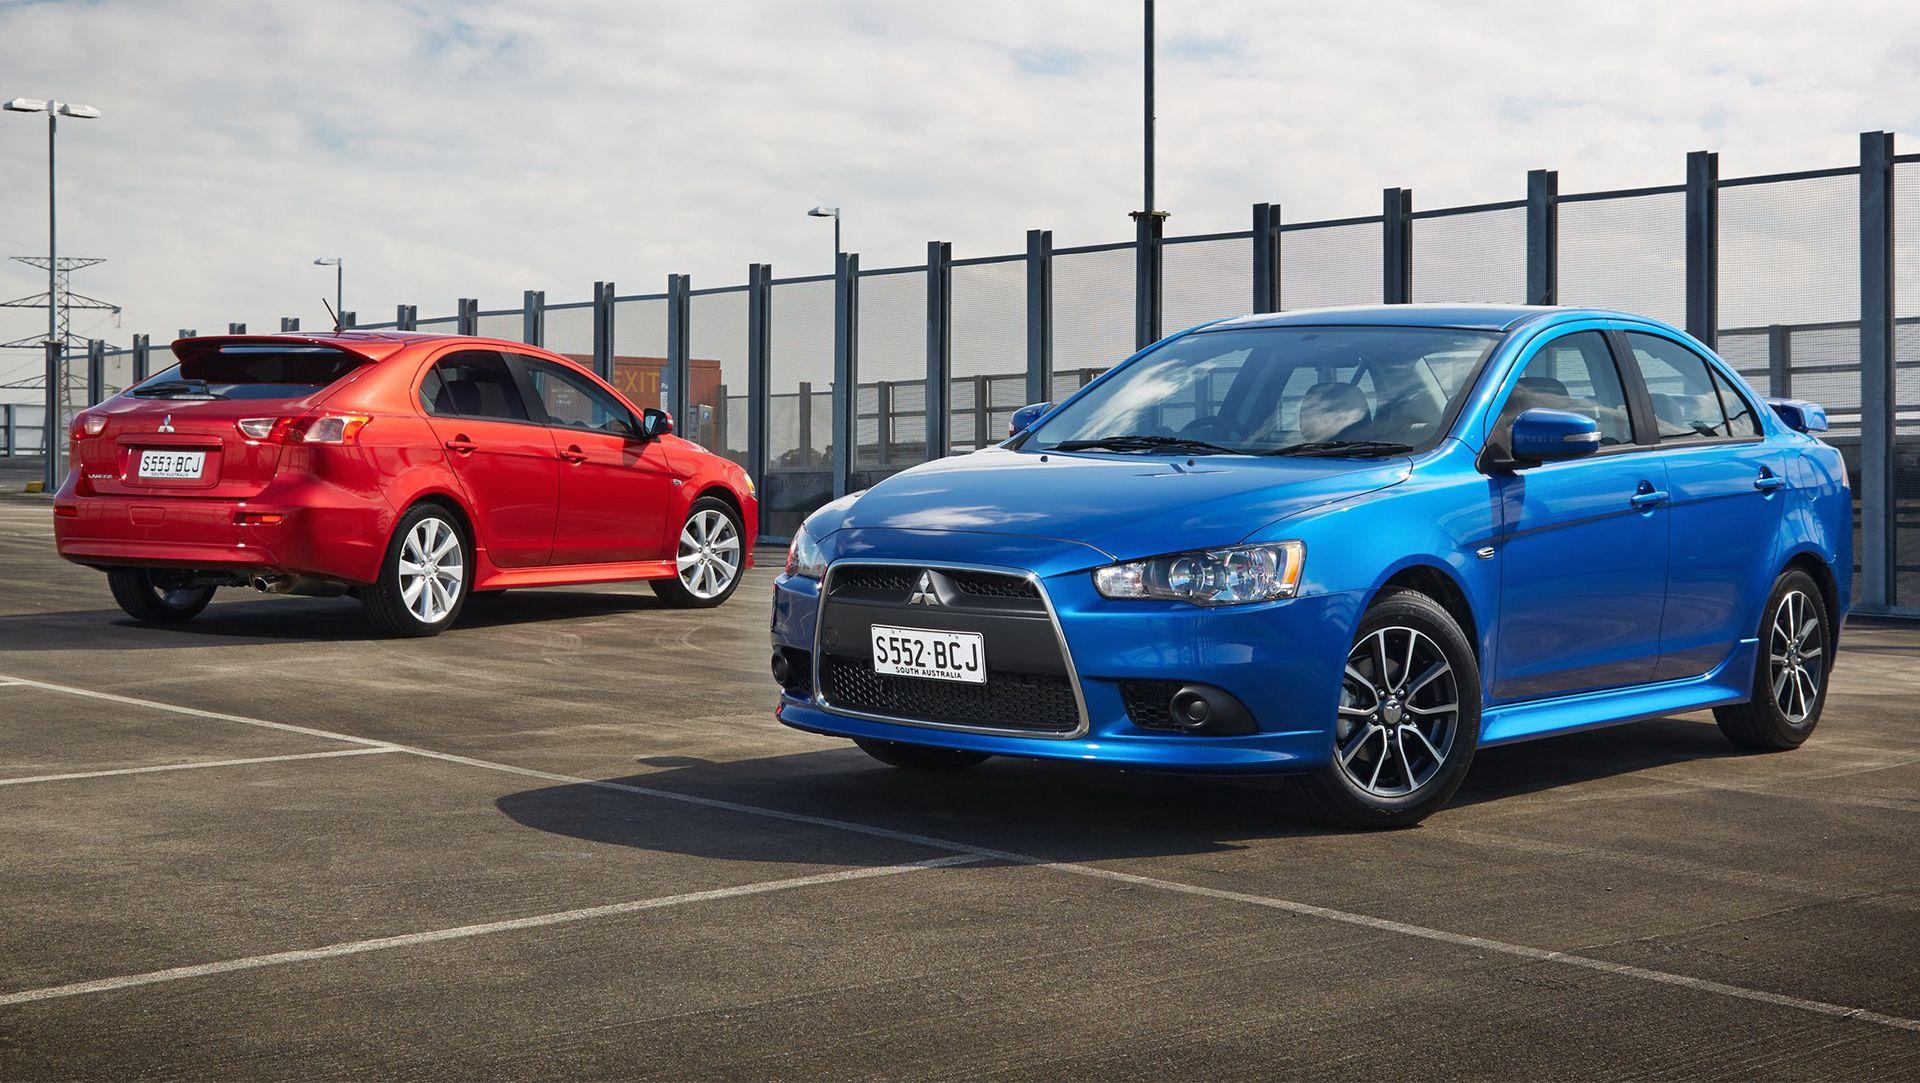 Mitsubishi Motors North America, Inc. (Mitsubishi) Is Recalling Certain  Model Year 2014